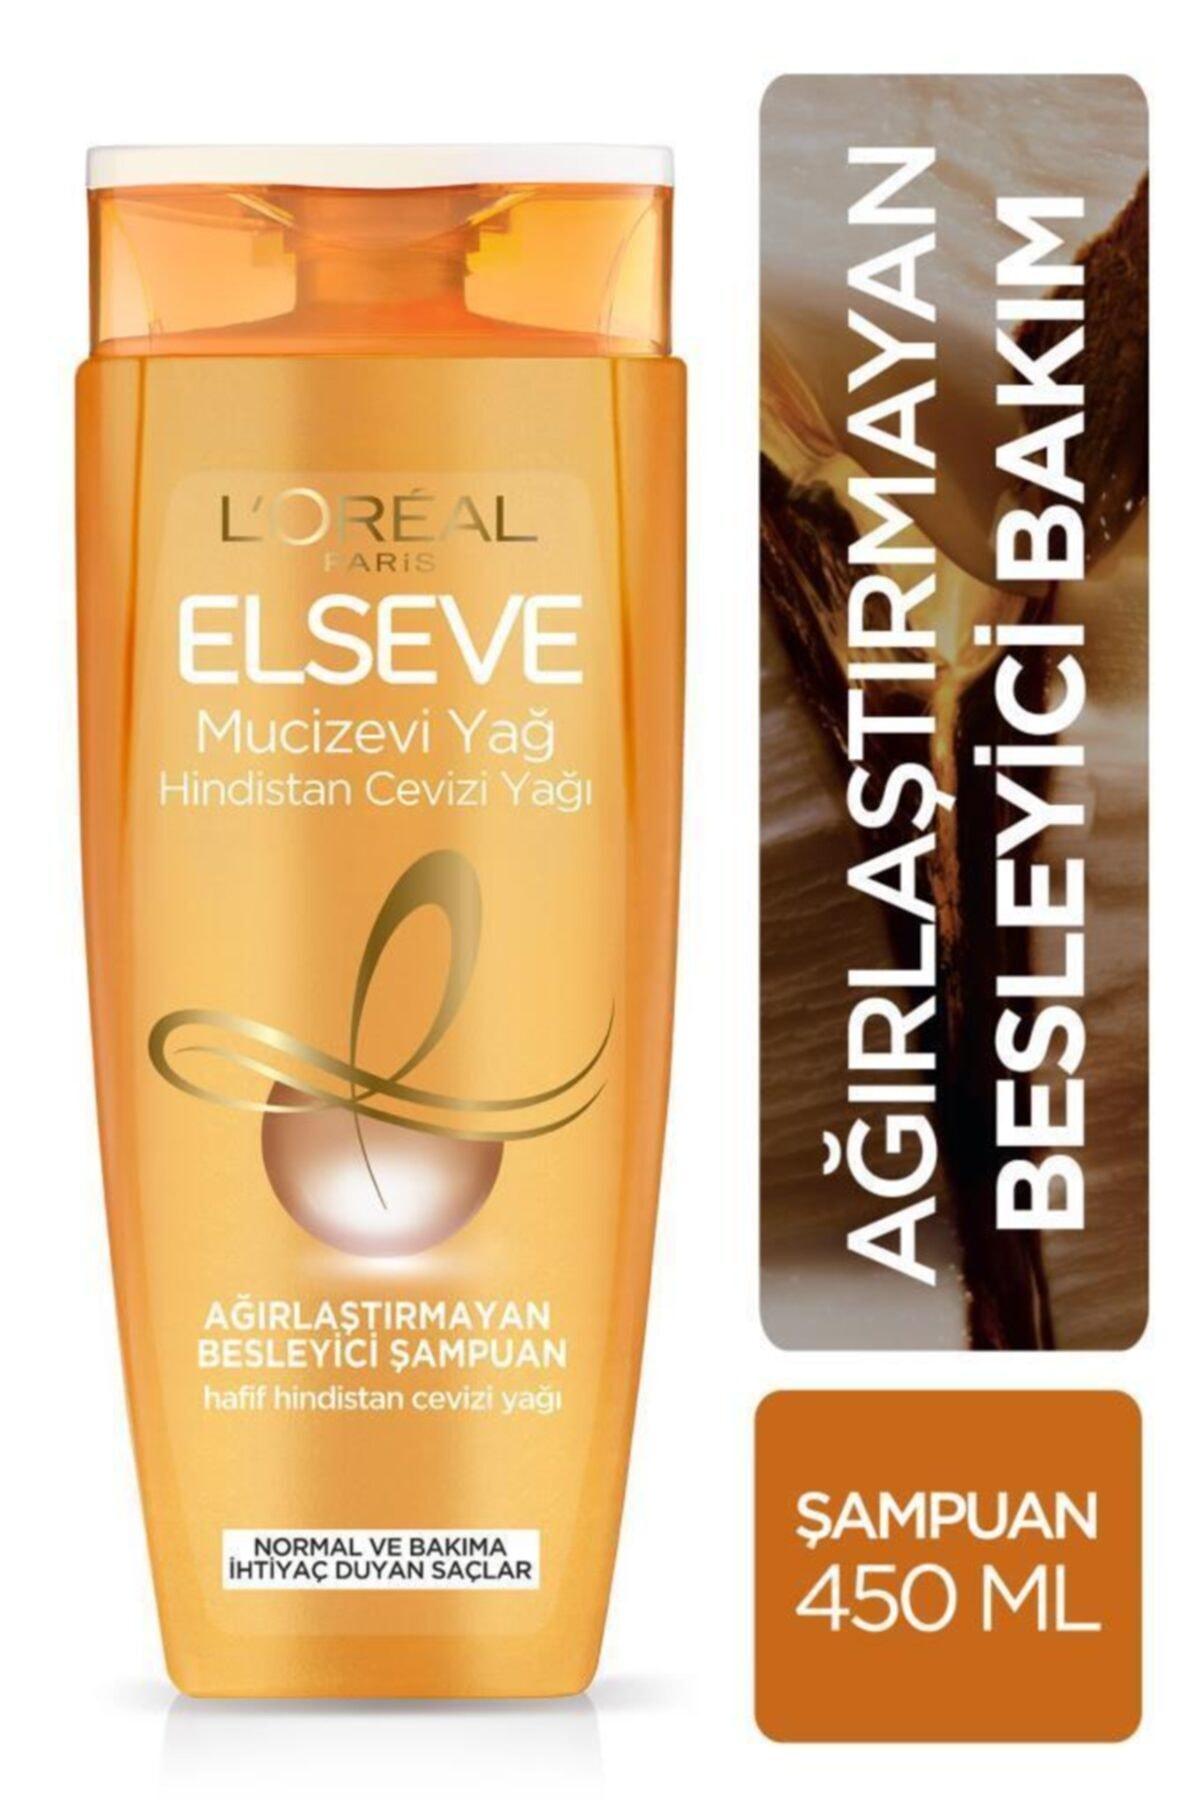 ELSEVE L'oréal Paris Mucizevi Hindistan Cevizi Yağı Ağırlaştırmayan Besleyici Şampuan 450 ml 1